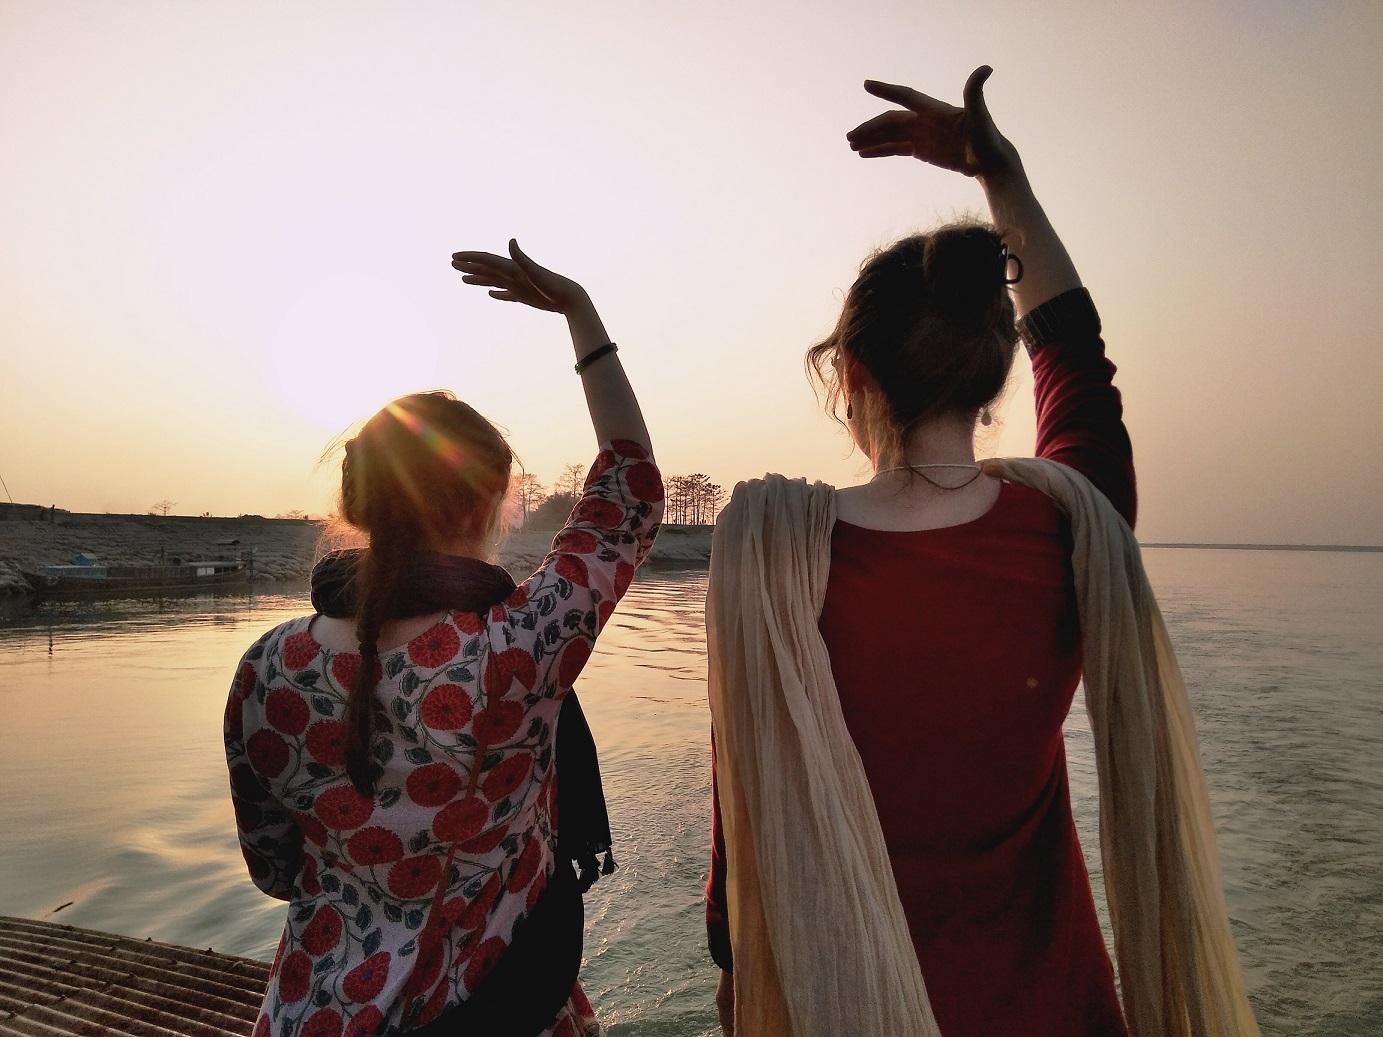 - 옛날부터 동양 문화는 휴식과 균형을 위한 수단으로 명상을 활용해 왔다. 이 연습으로 사람은 긴장을 풀고 질적으로 다른 수준의 자아 의식에 도달하게 된다. 사하쟈 요가의 기술은 인도에서 1970년대 의학과 철학의 박사에 의해 개발되었다.